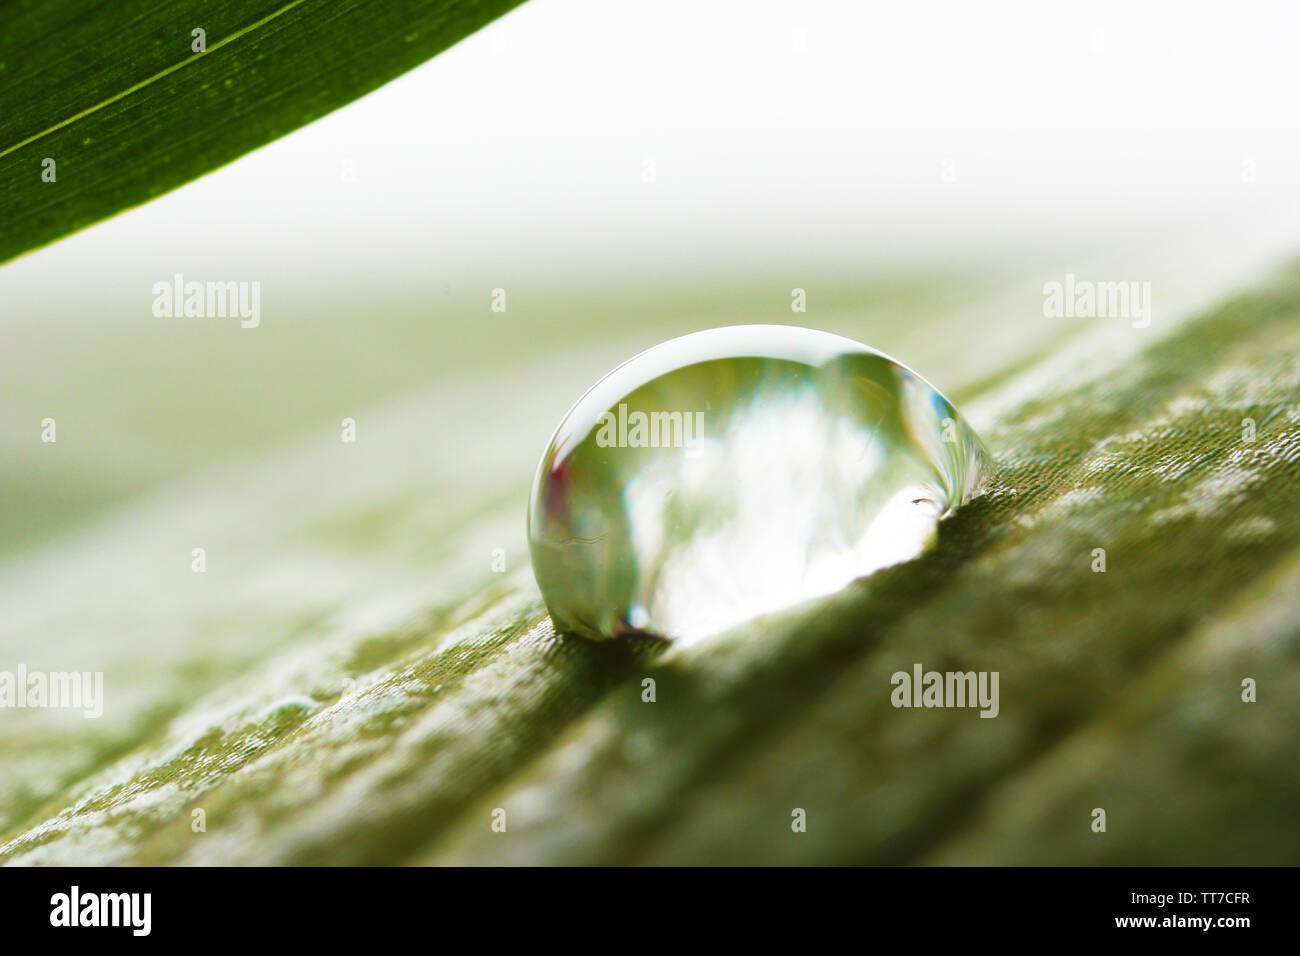 Dew drop on leaf on blurred light background - Stock Image